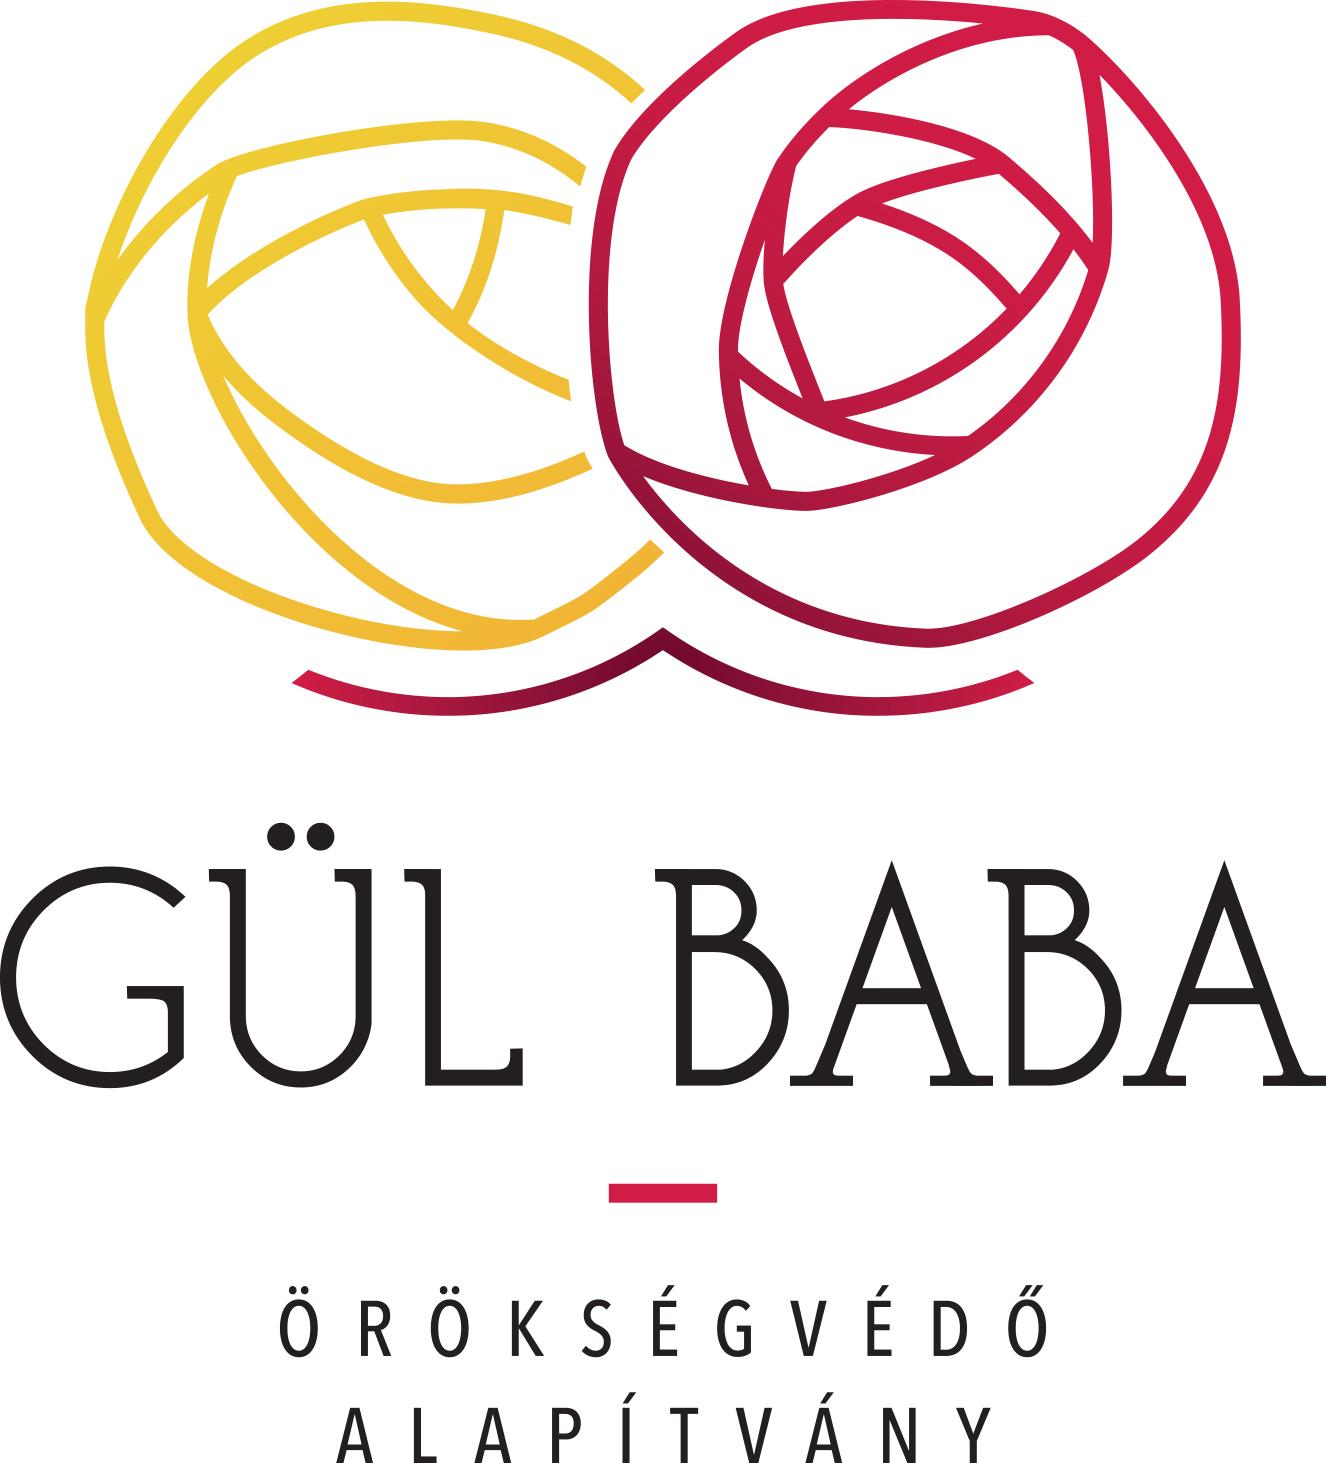 GulBabaLOGO_color_hu